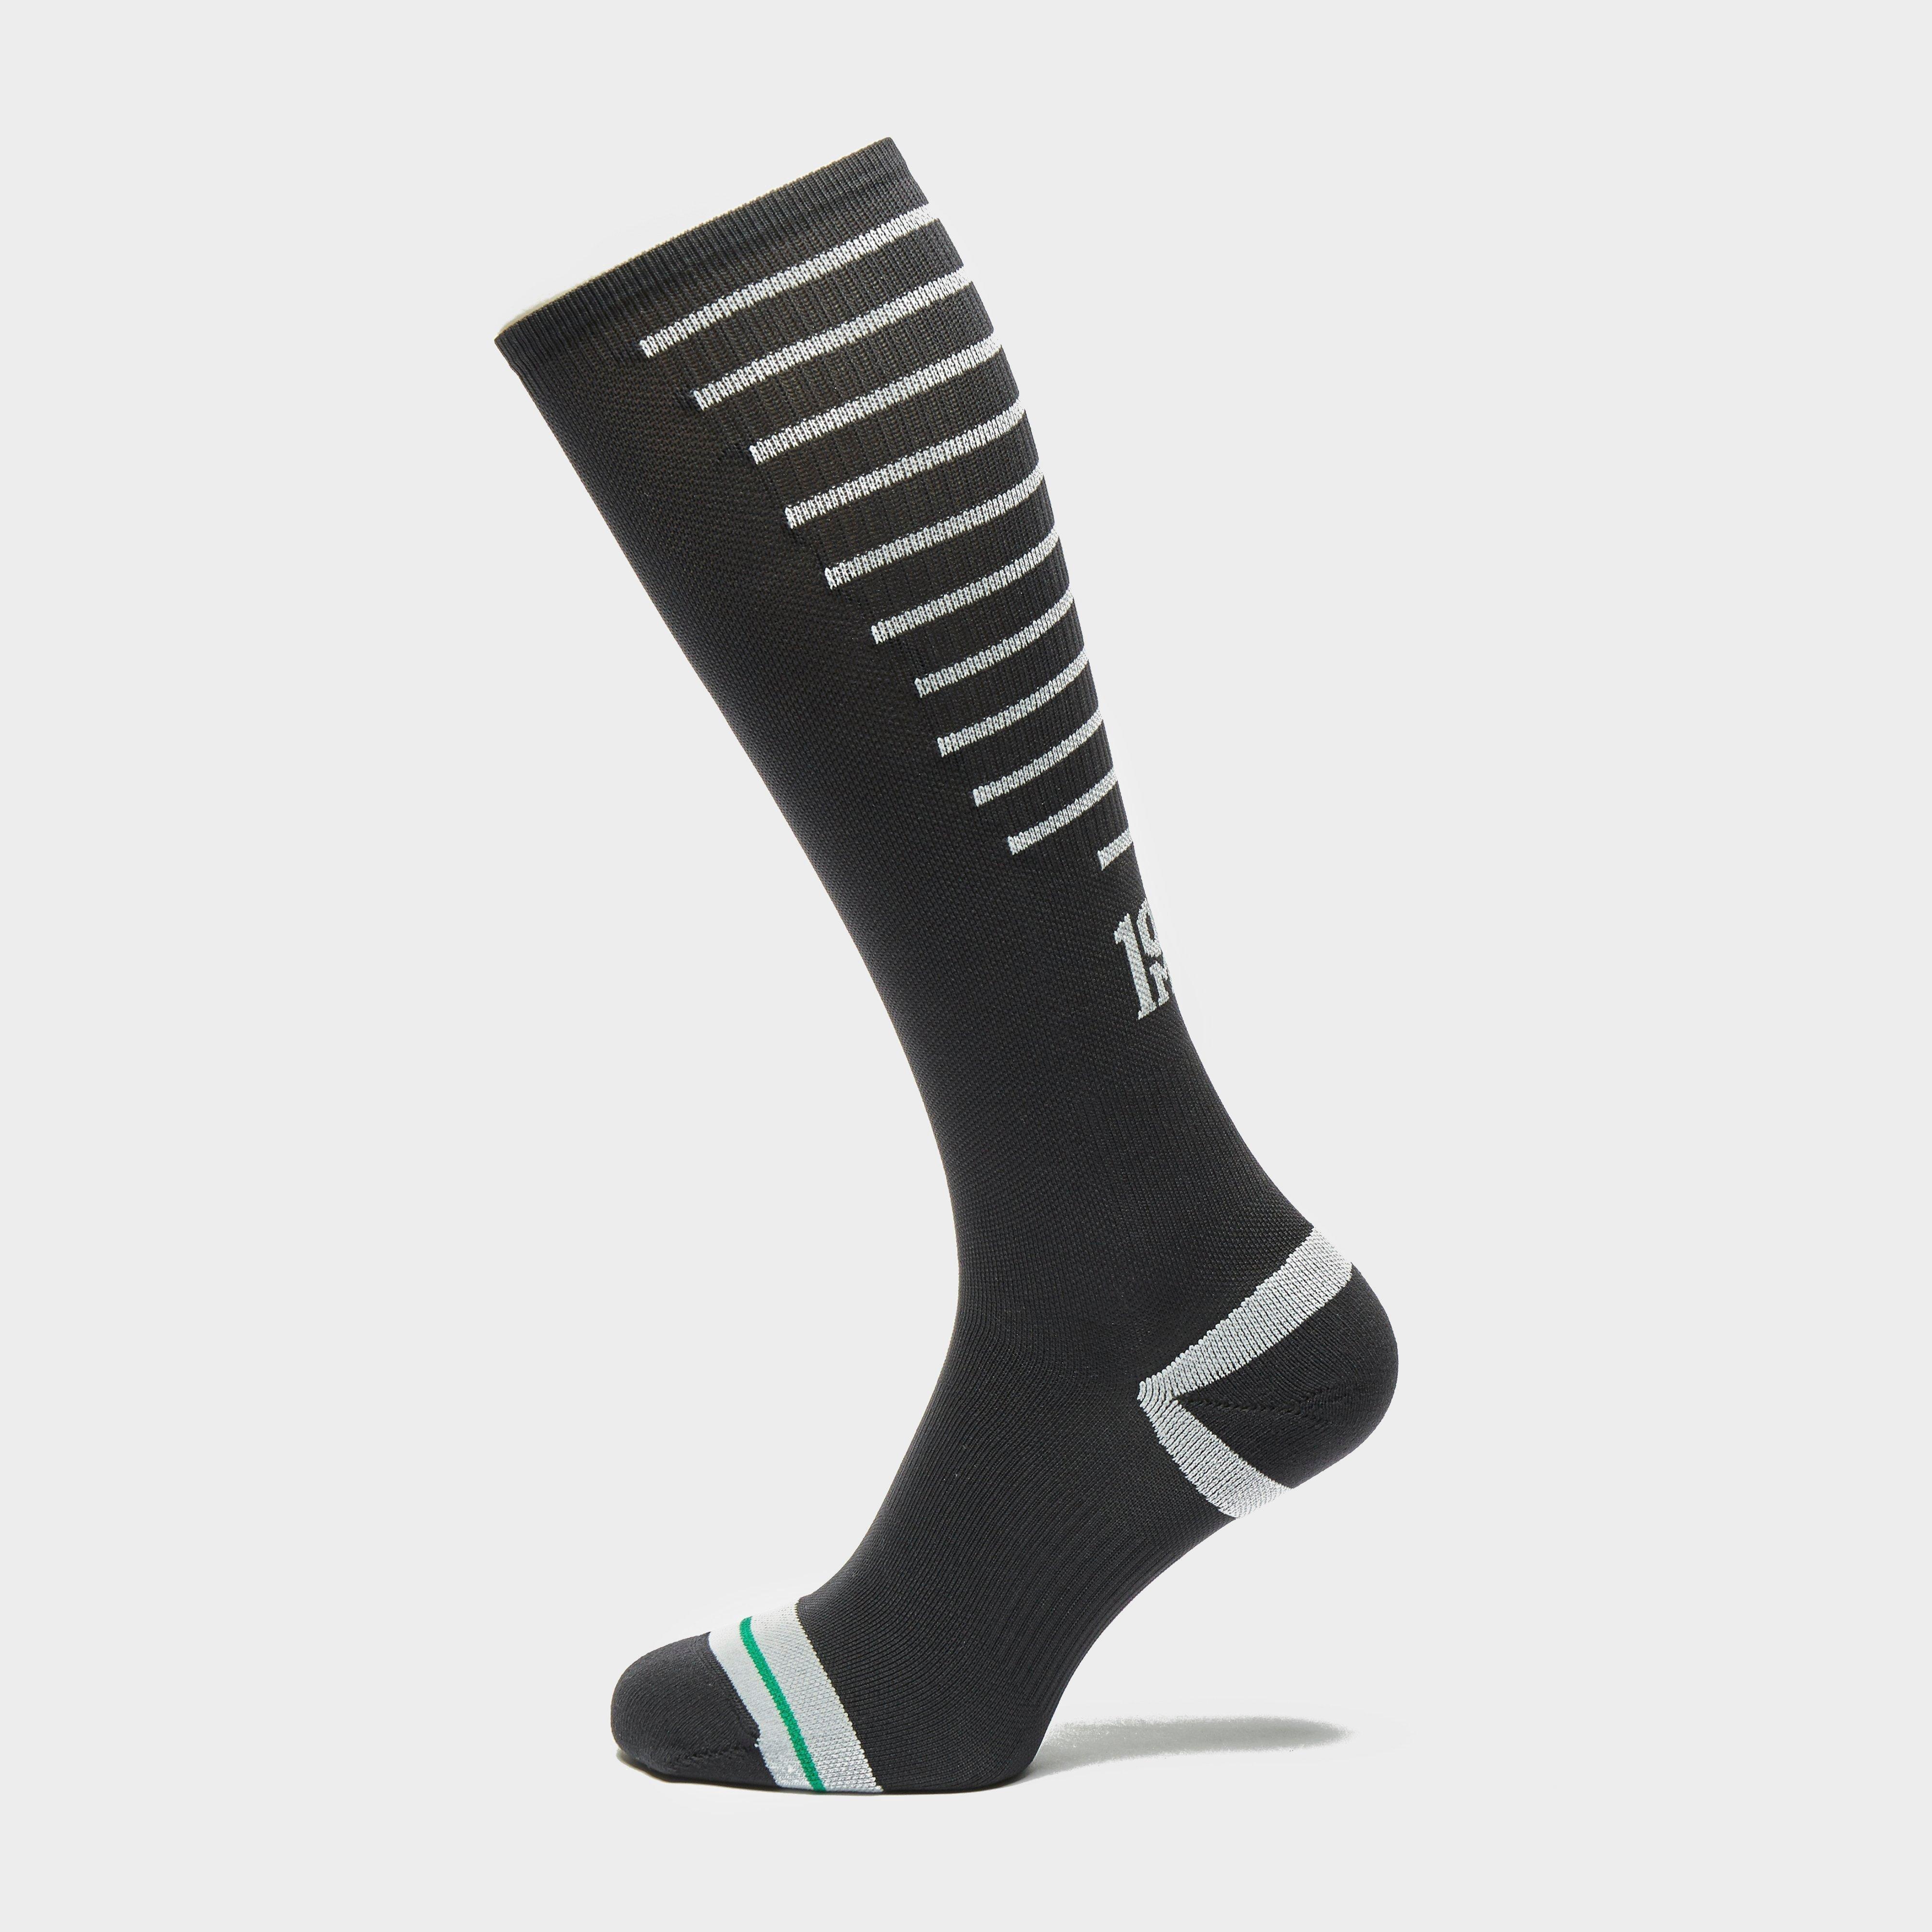 Image of 1000 Mile Unisex Compression Socks - Blk/Blk, BLK/BLK